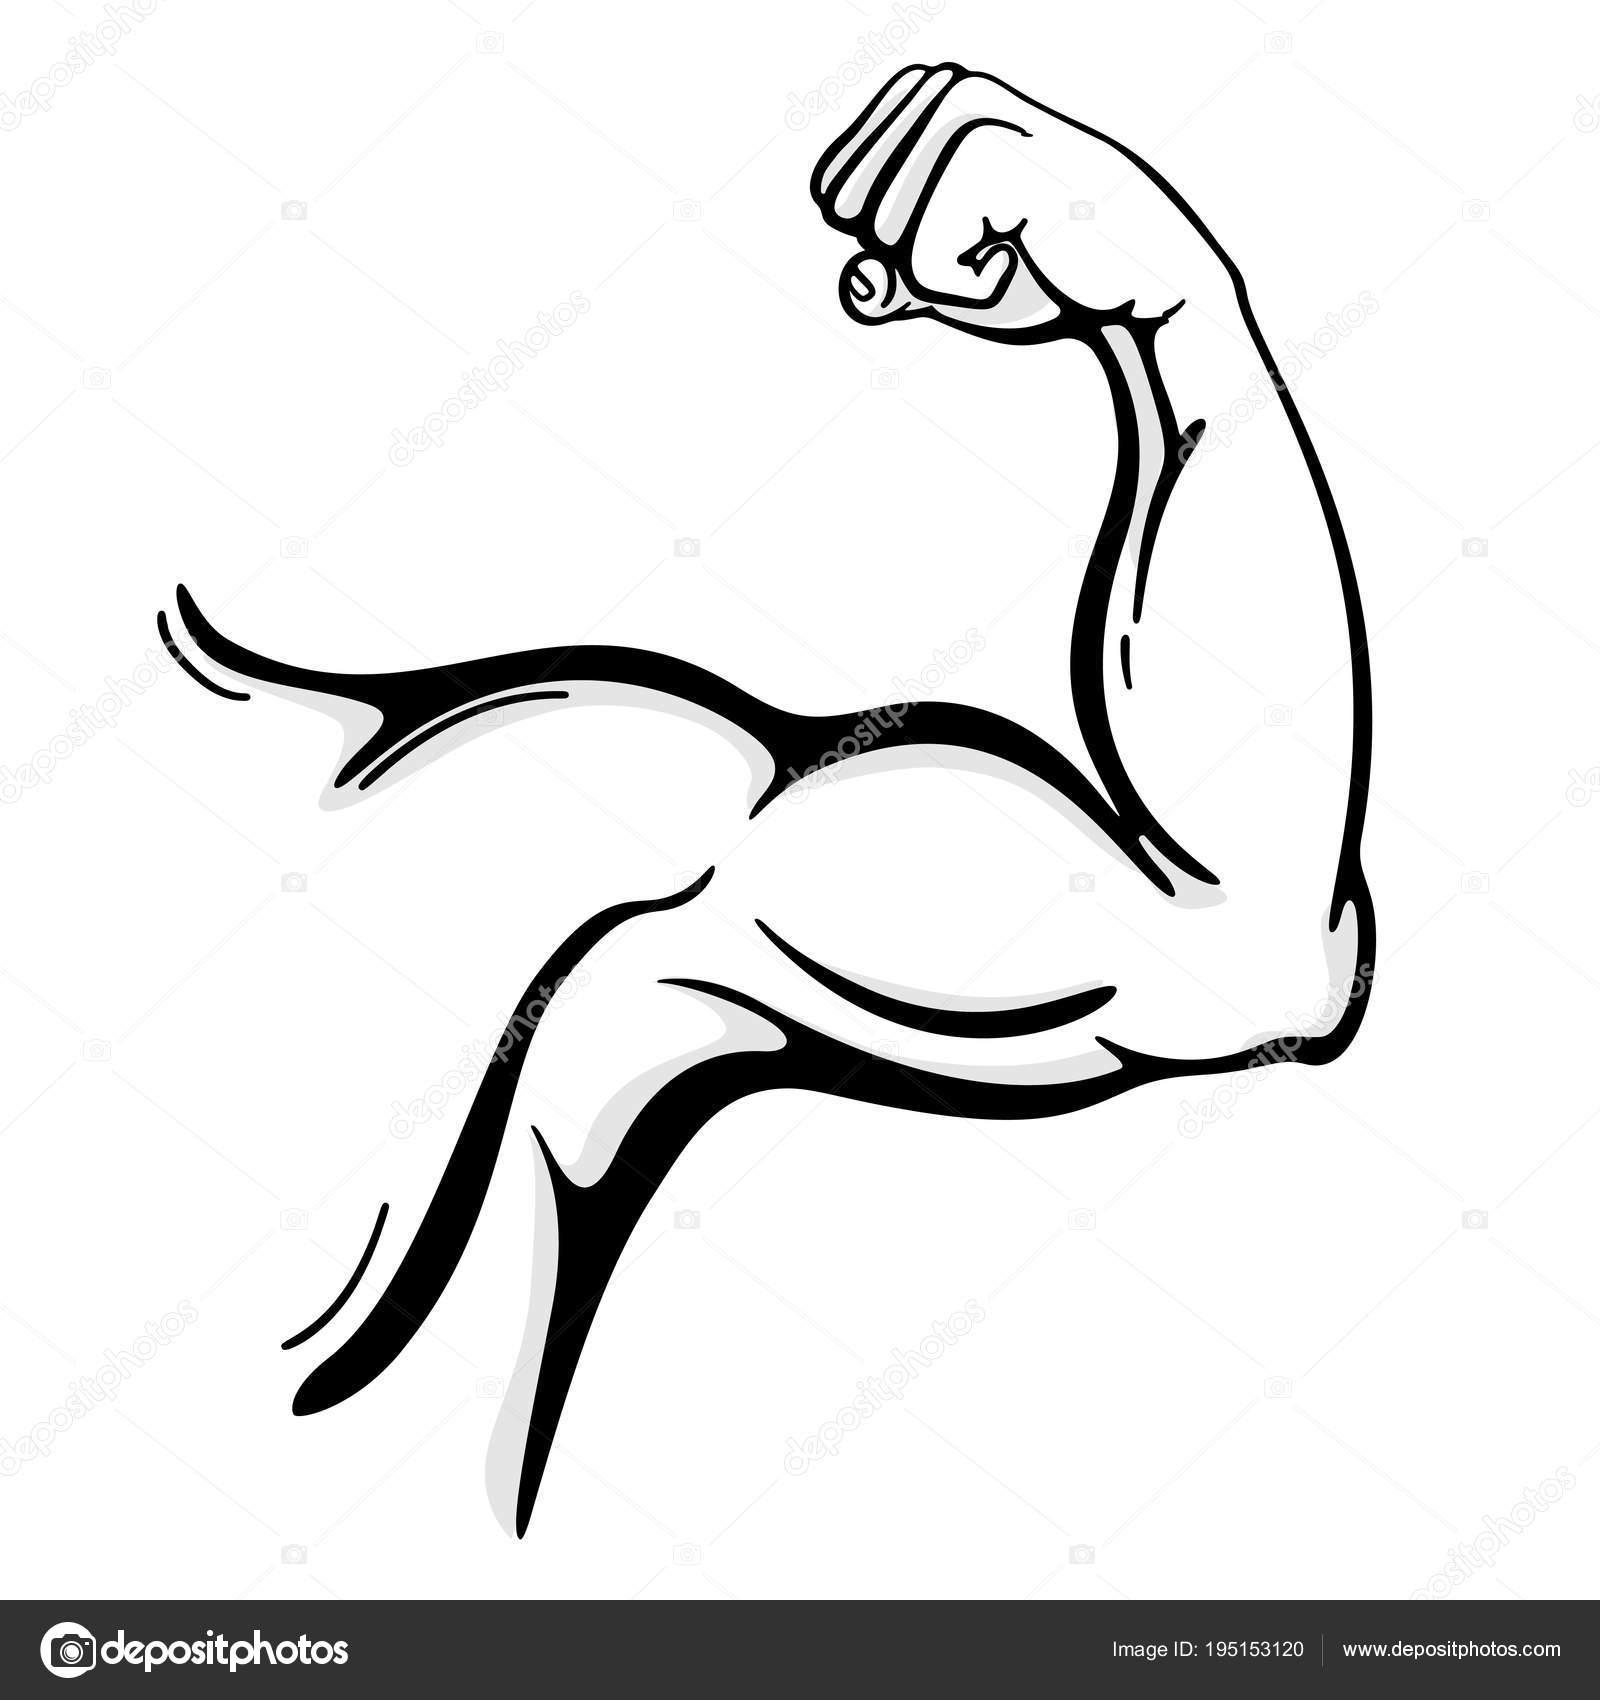 Dessin au trait bras muscle — Image vectorielle Axsimen ©  195153120 310e795f887